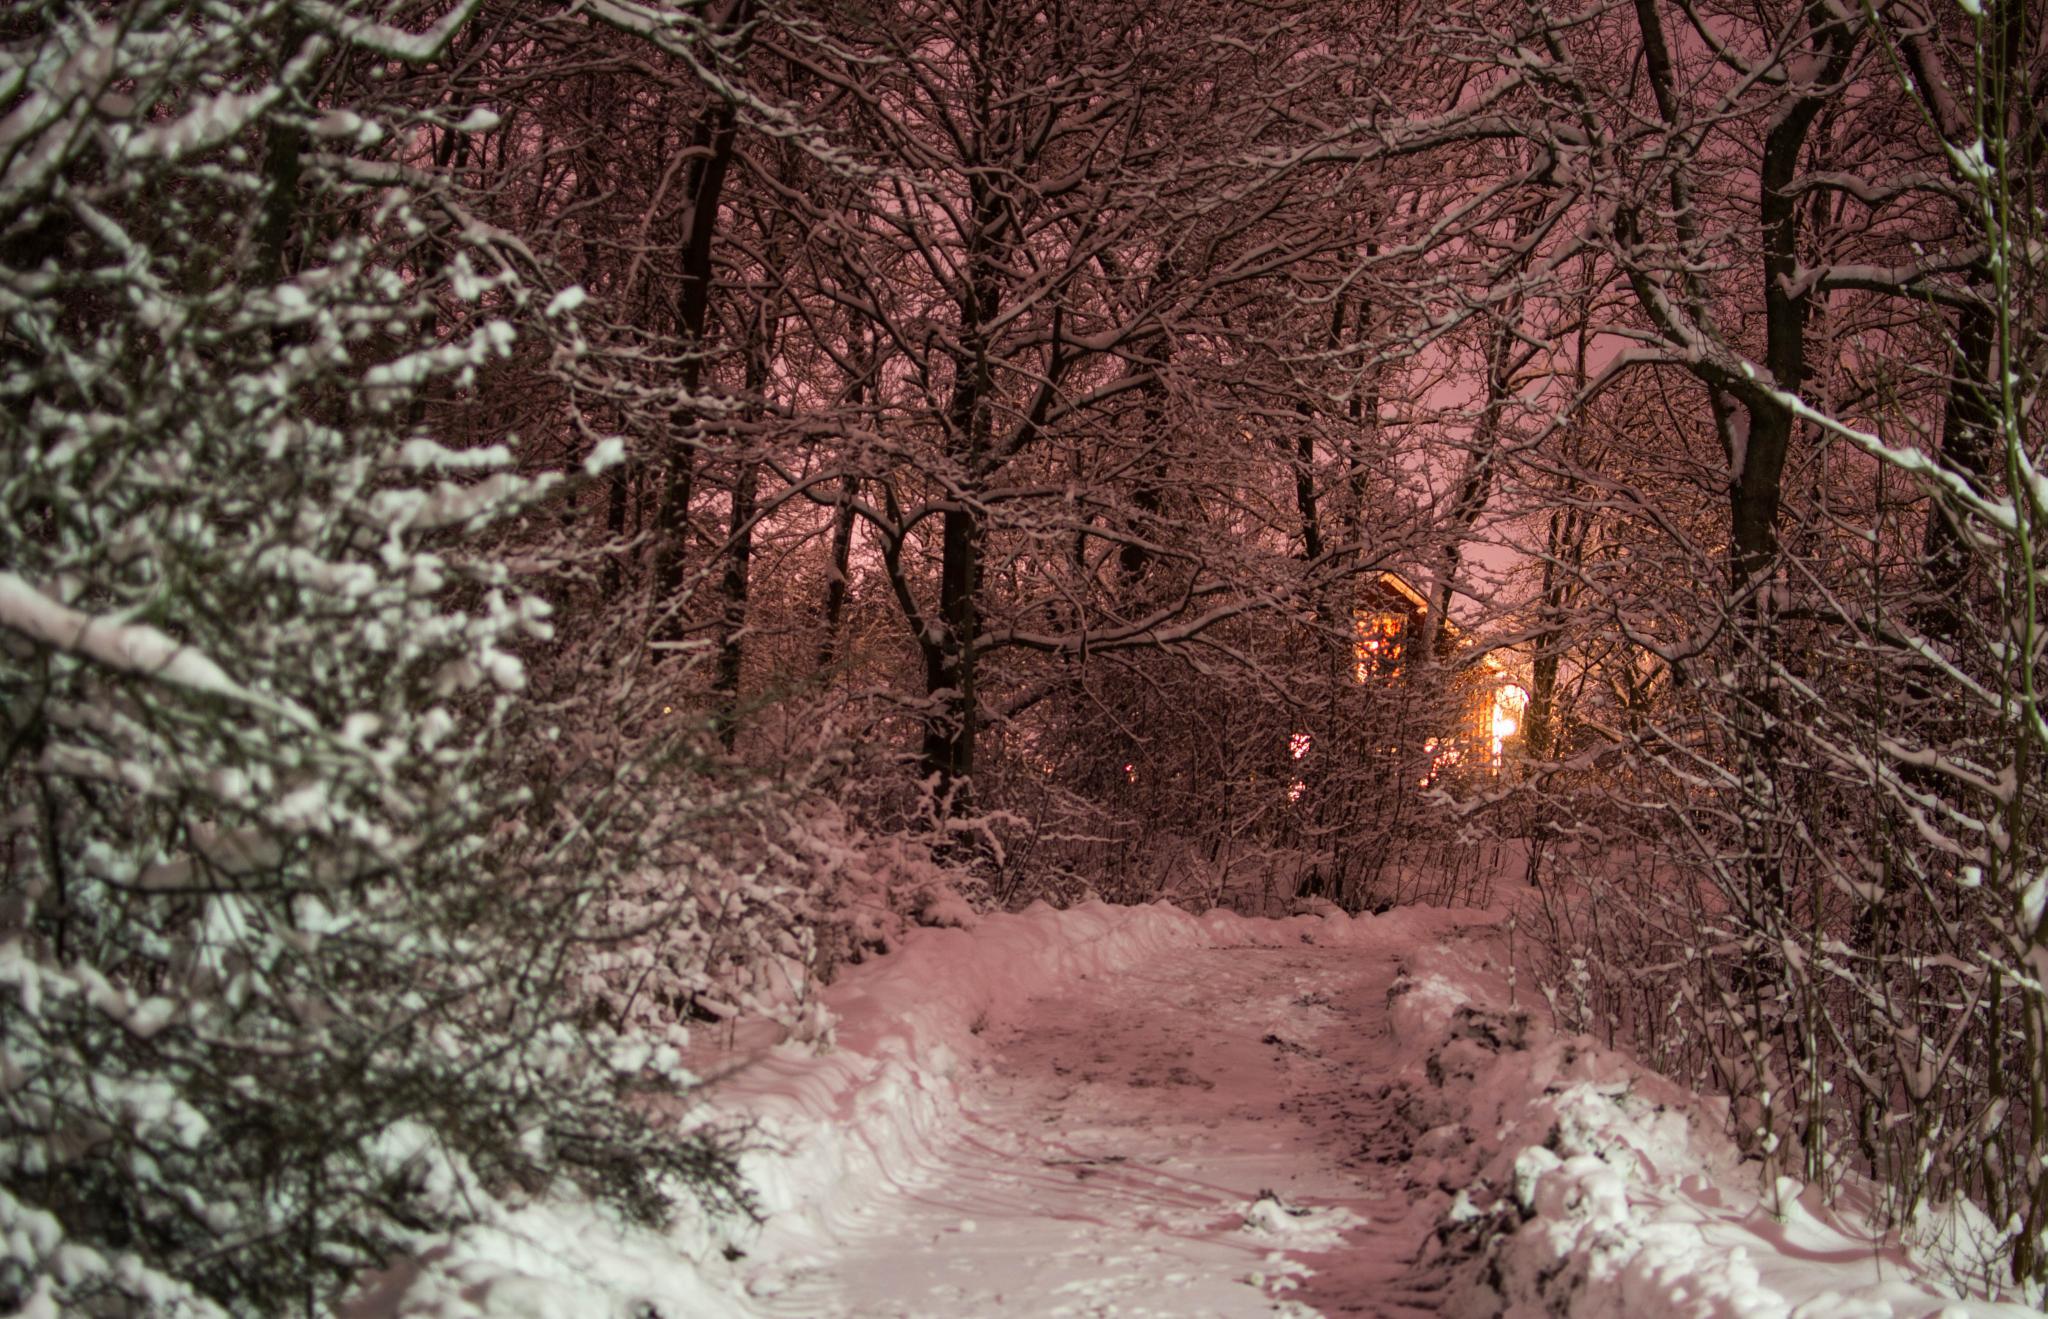 Lights in the dark by emanuel.eriksson